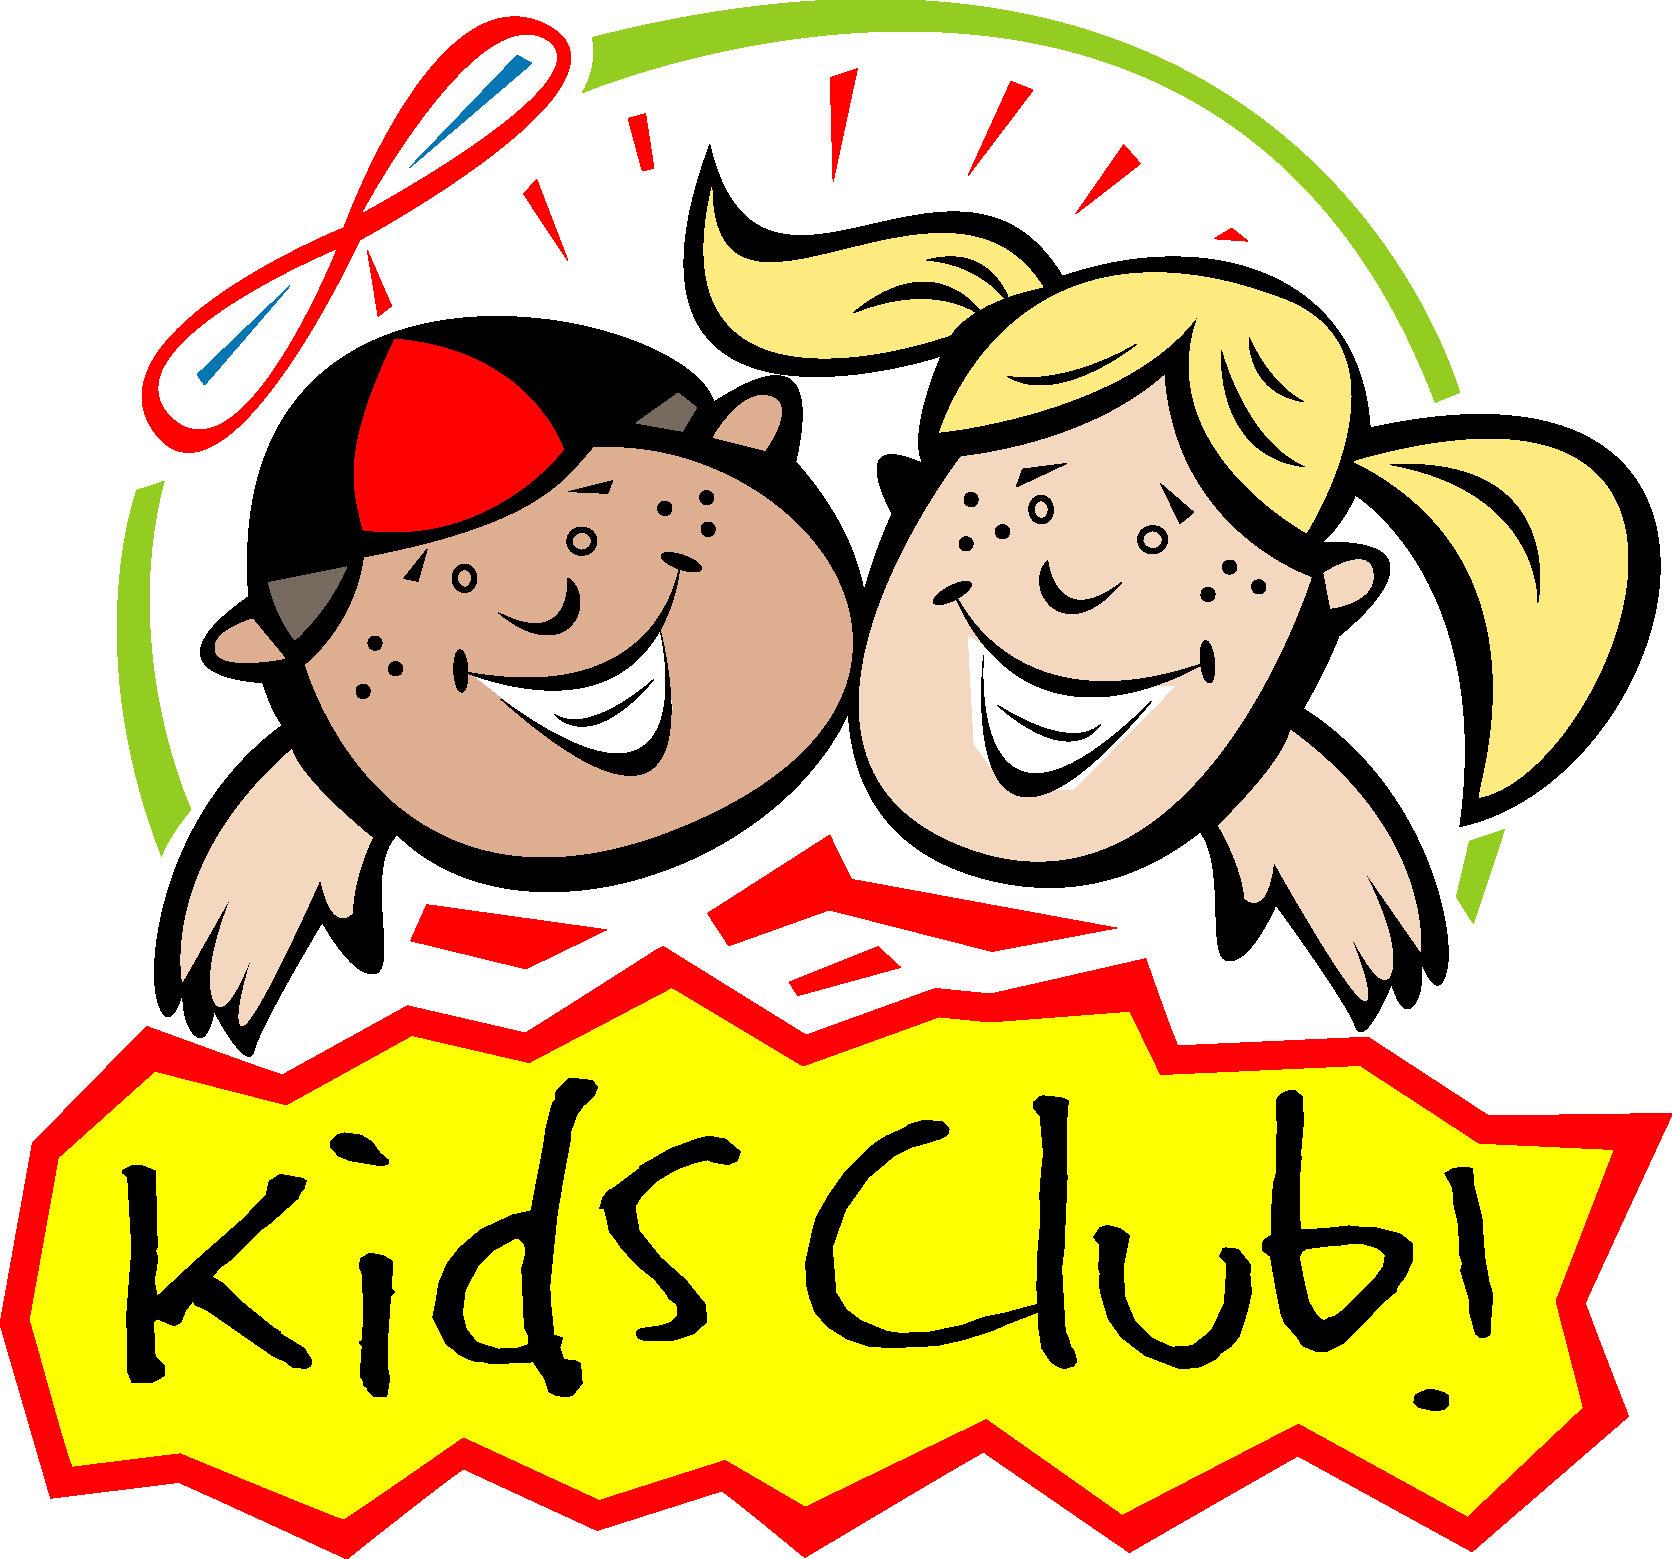 Clubs Clipart.